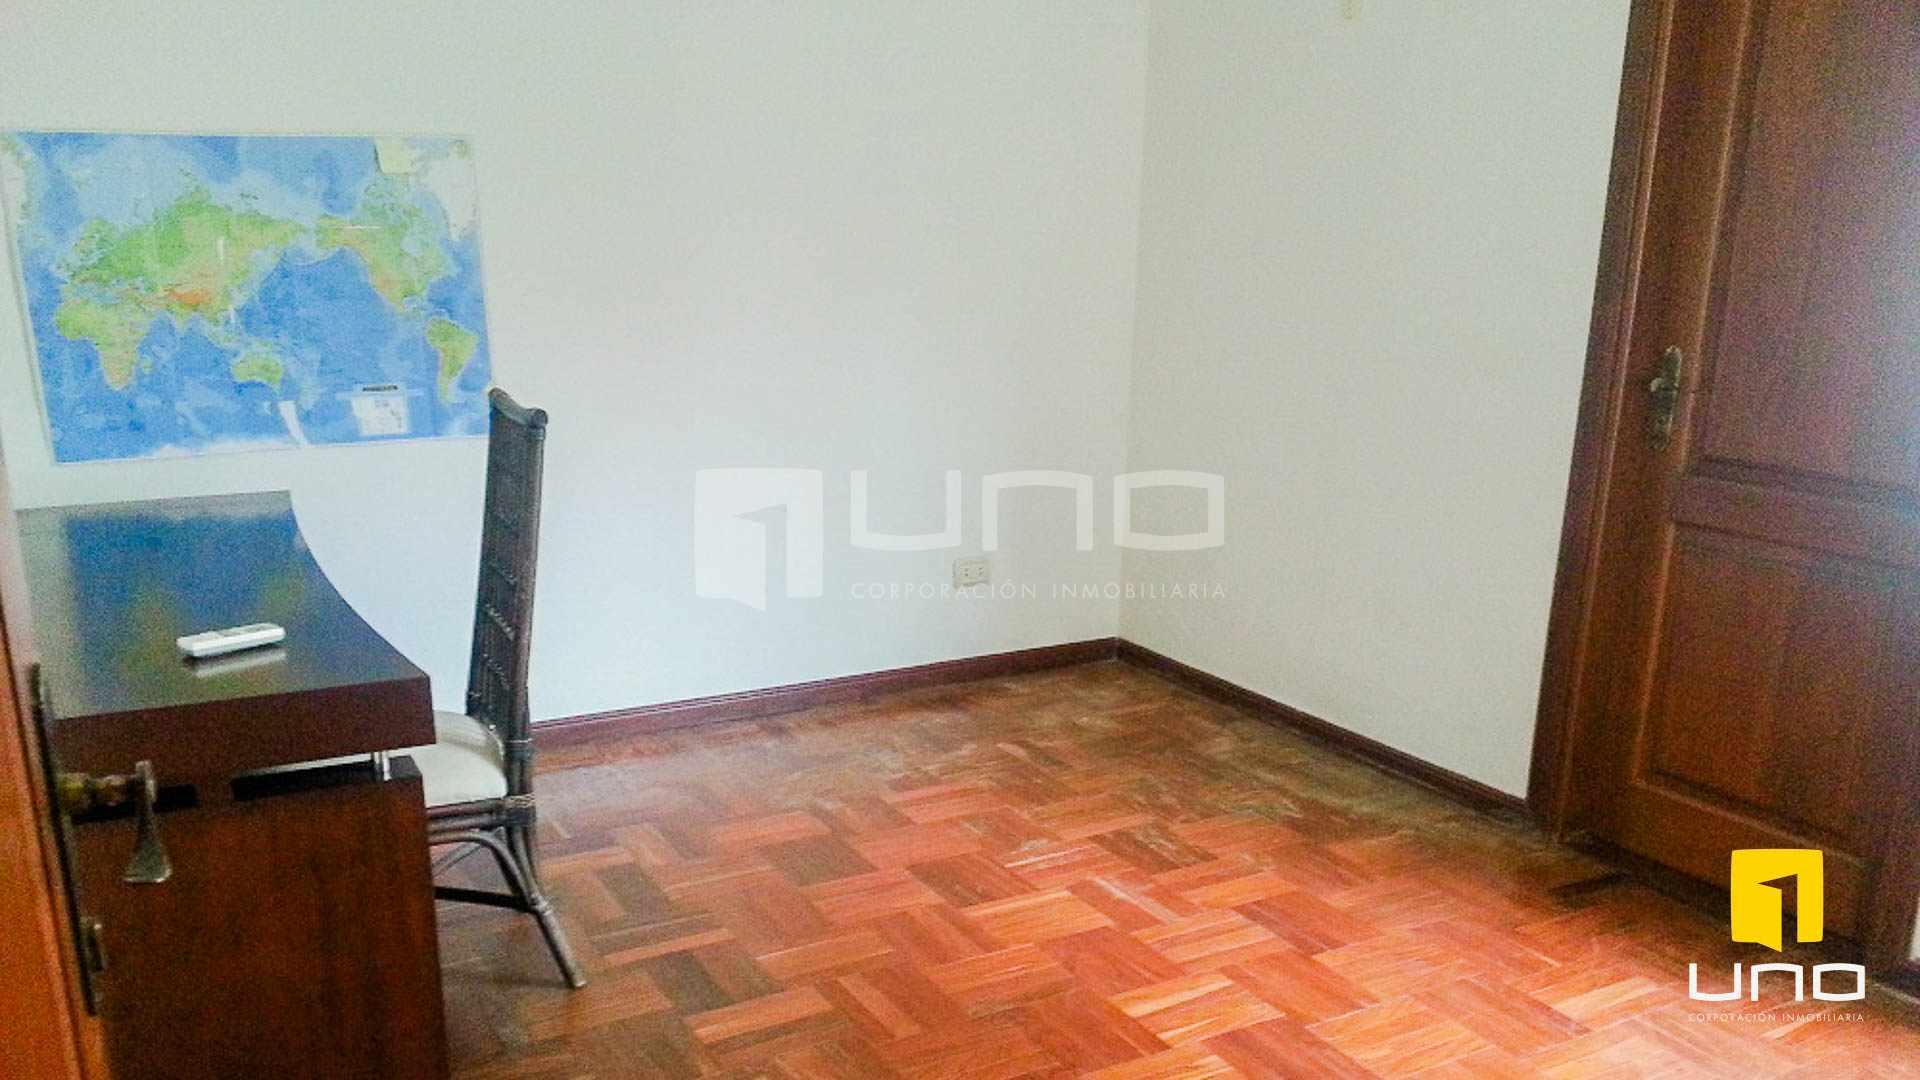 Casa en Alquiler Barrio Las Palmas alquilo amplia casa  con muebles y piscina Foto 7